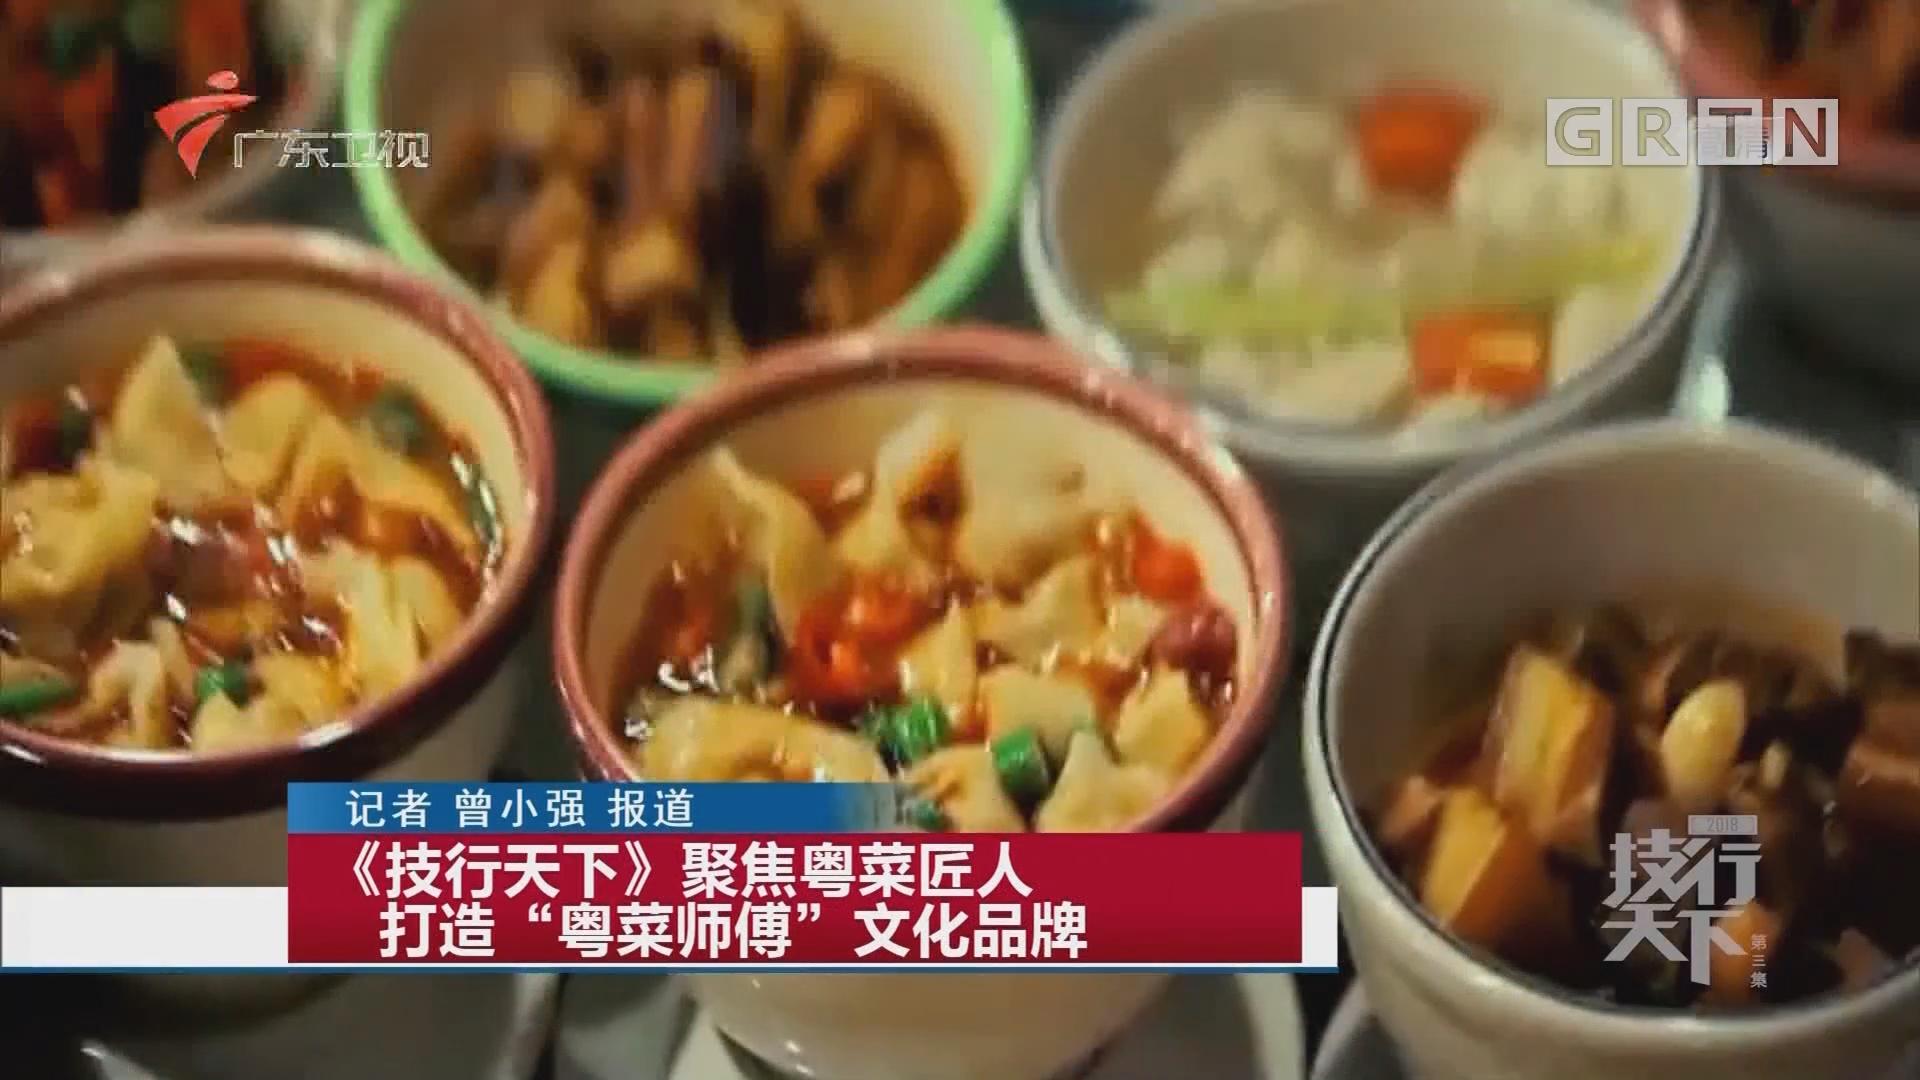 """《技行天下》聚焦粤菜匠人 打造""""粤菜师傅""""文化品牌"""